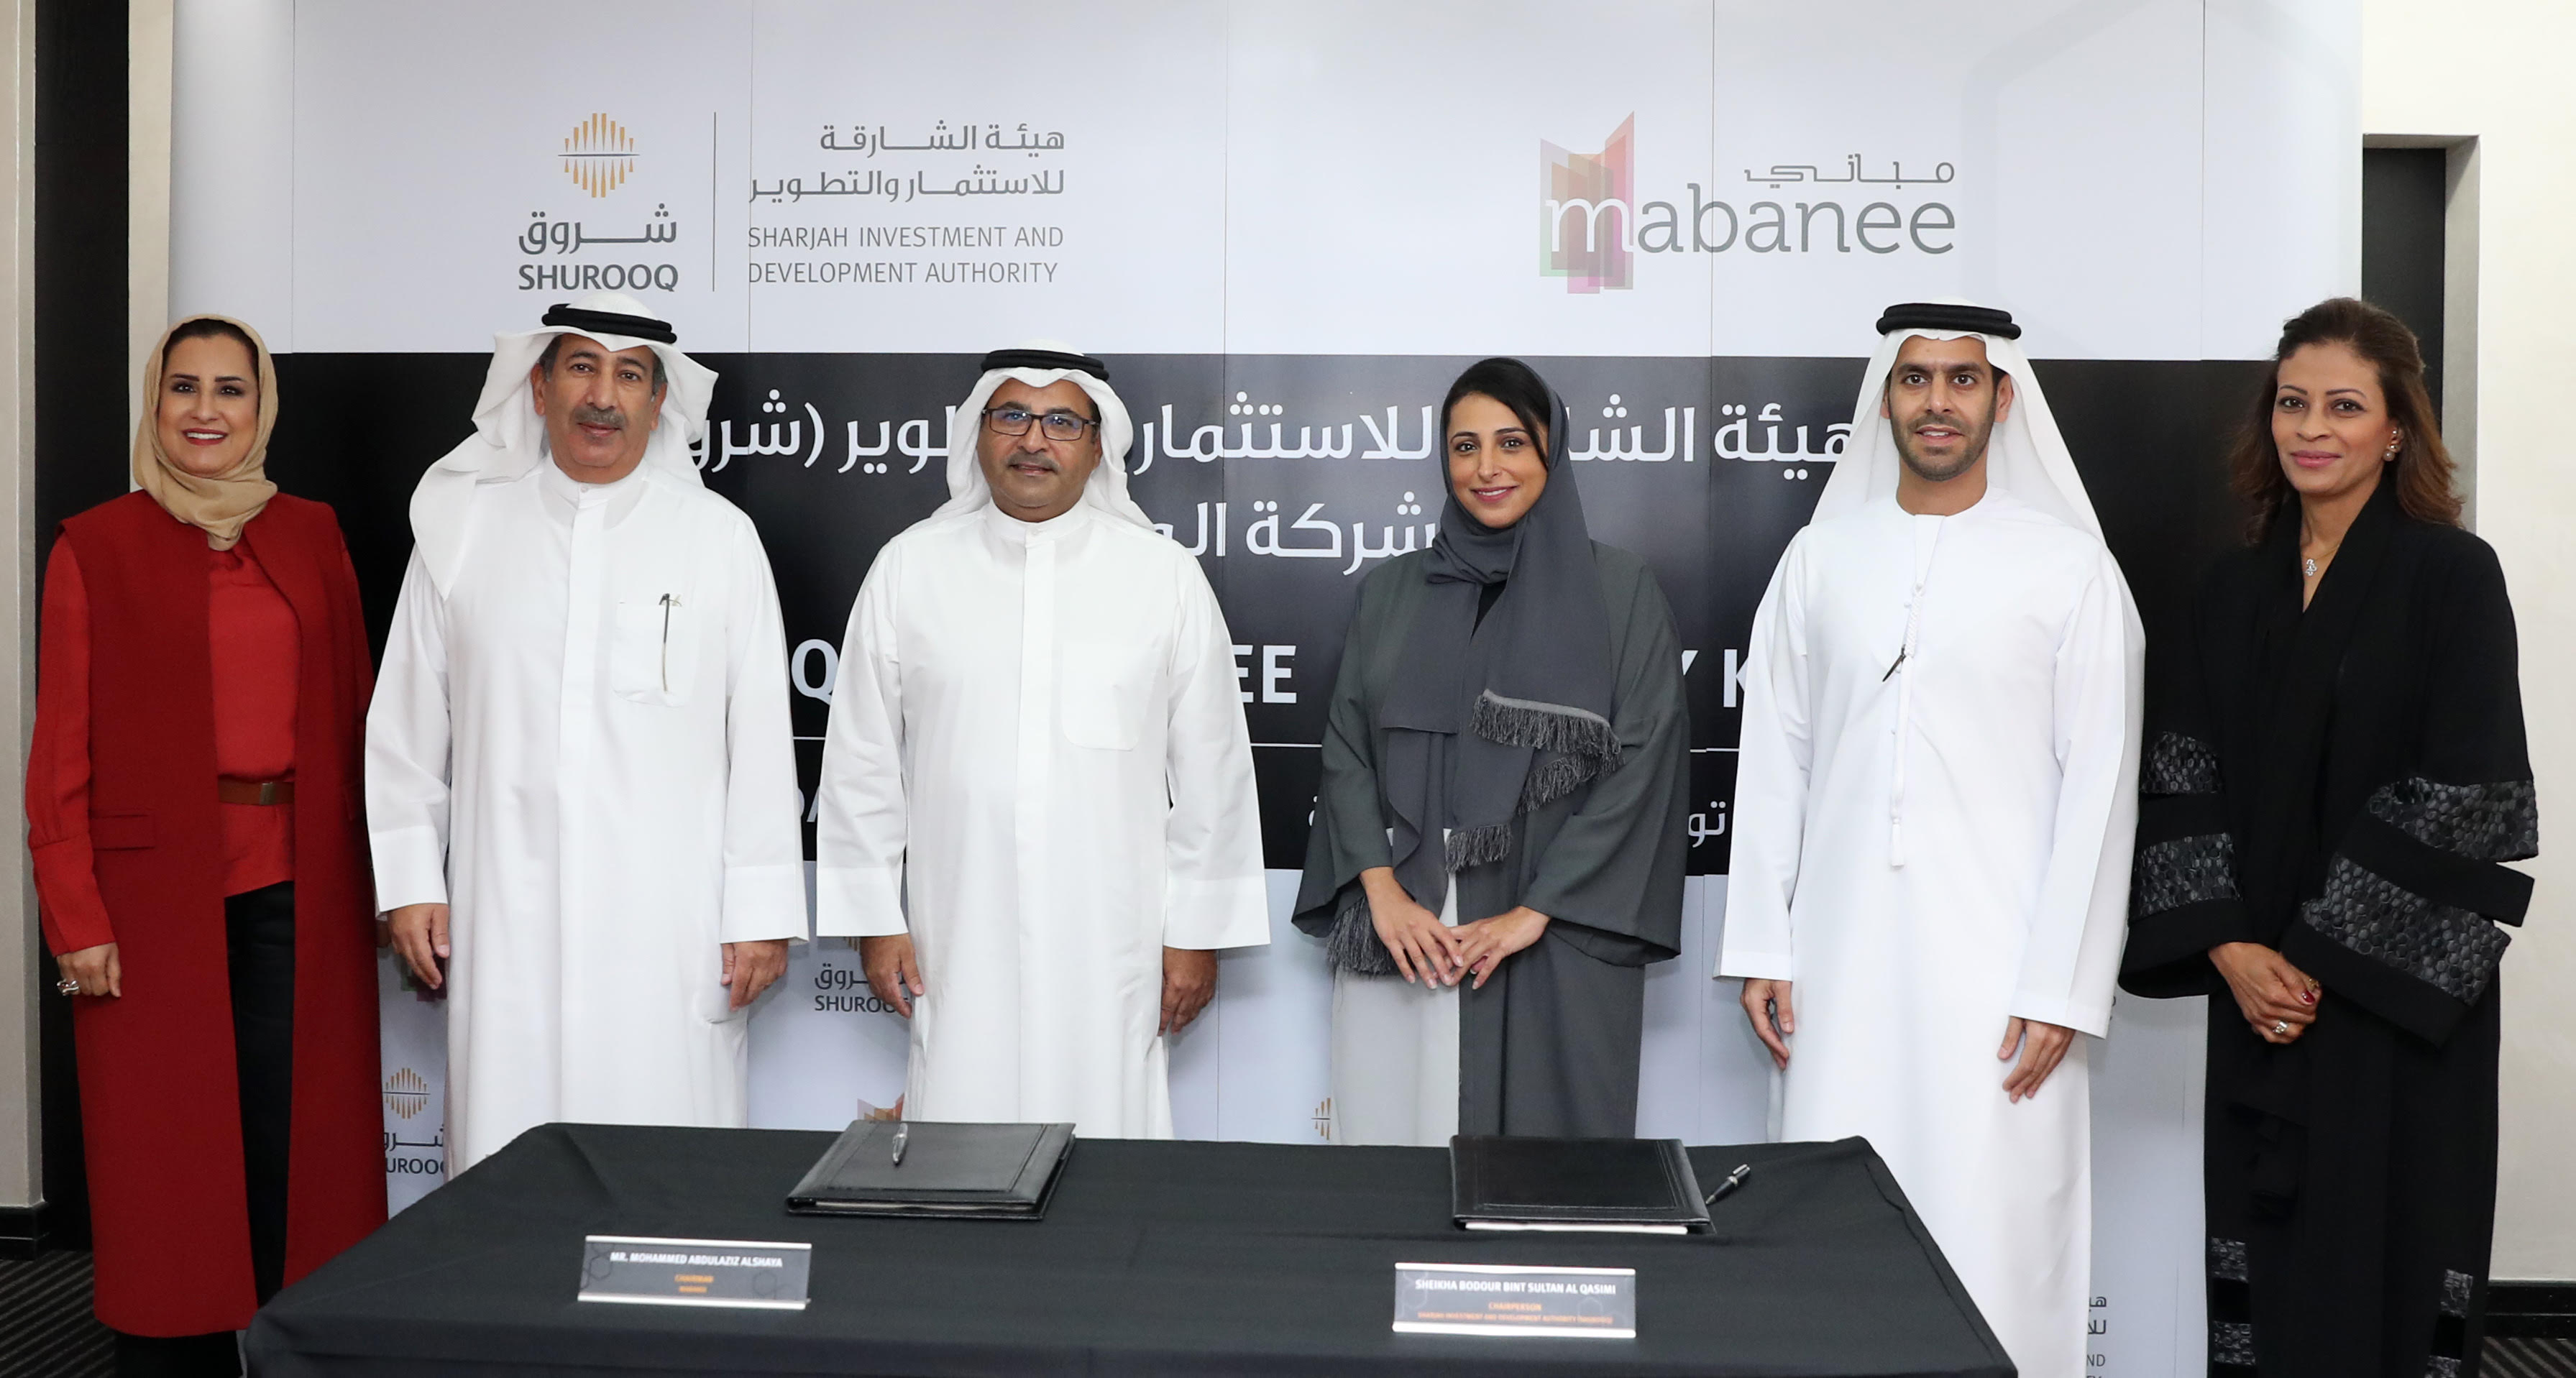 شروق تطلق مشروعاً عقارياً في الشارقة بالشراكة مع مباني الكويتية